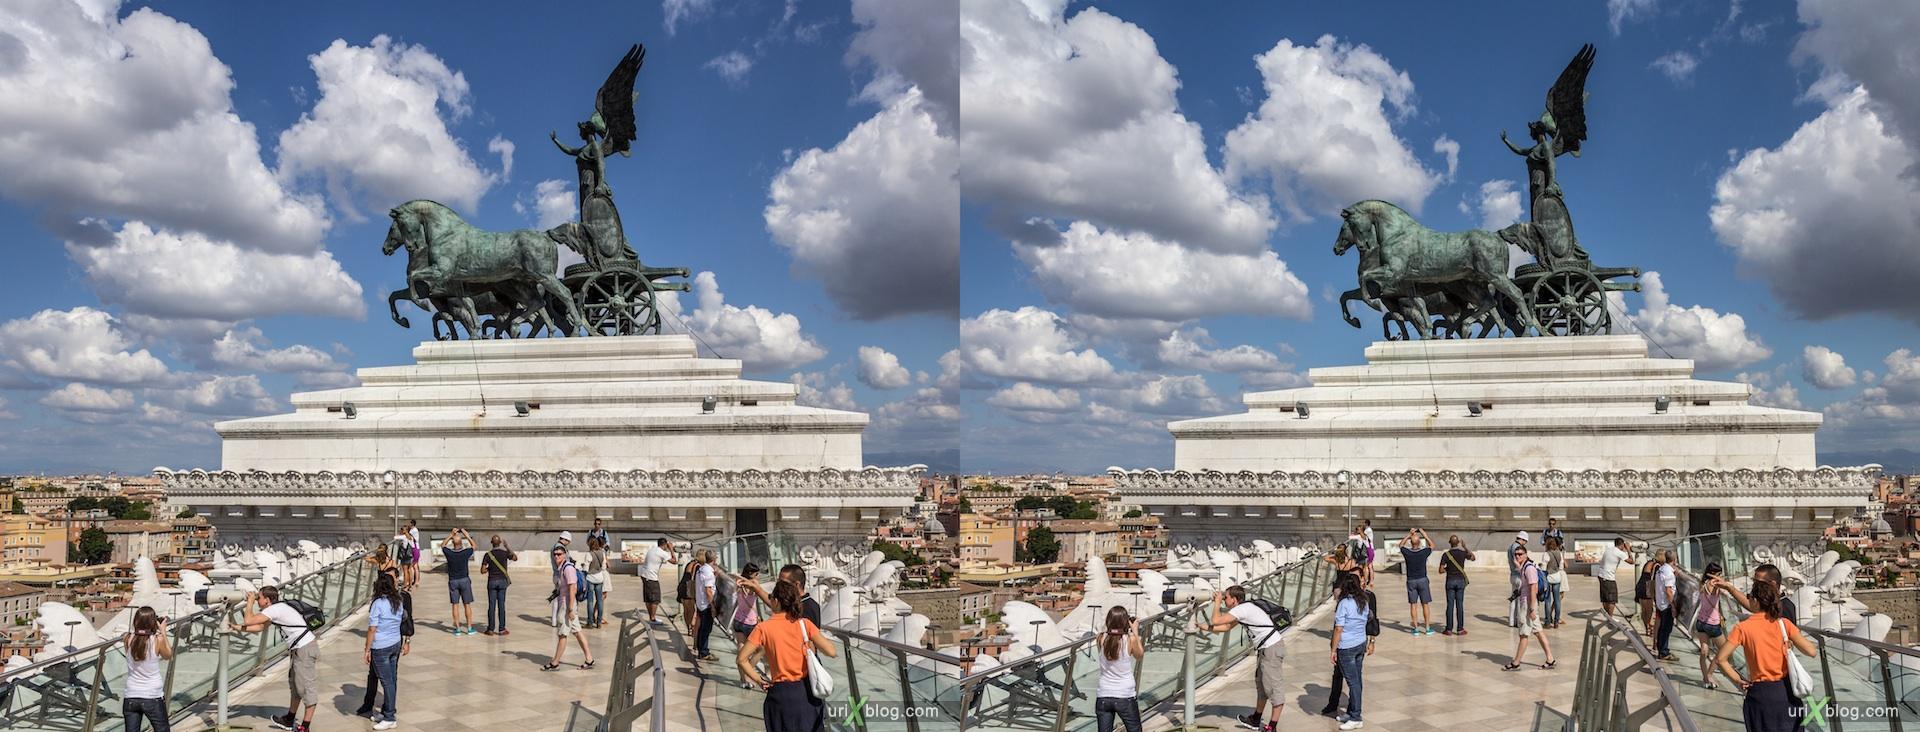 2012, Витториано, Монумент Виктора Эммануила II, крыша, смотровая площадка, Рим, Италия, осень, 3D, перекрёстные стереопары, стерео, стереопара, стереопары